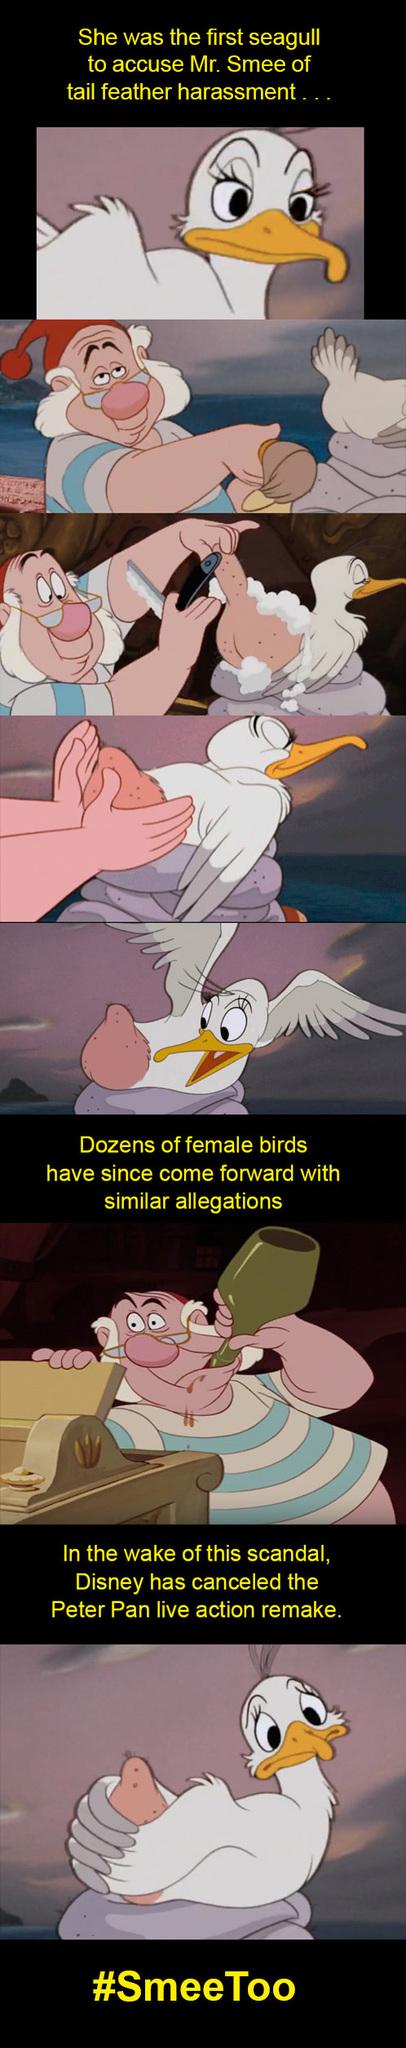 Smee's scandal - meme